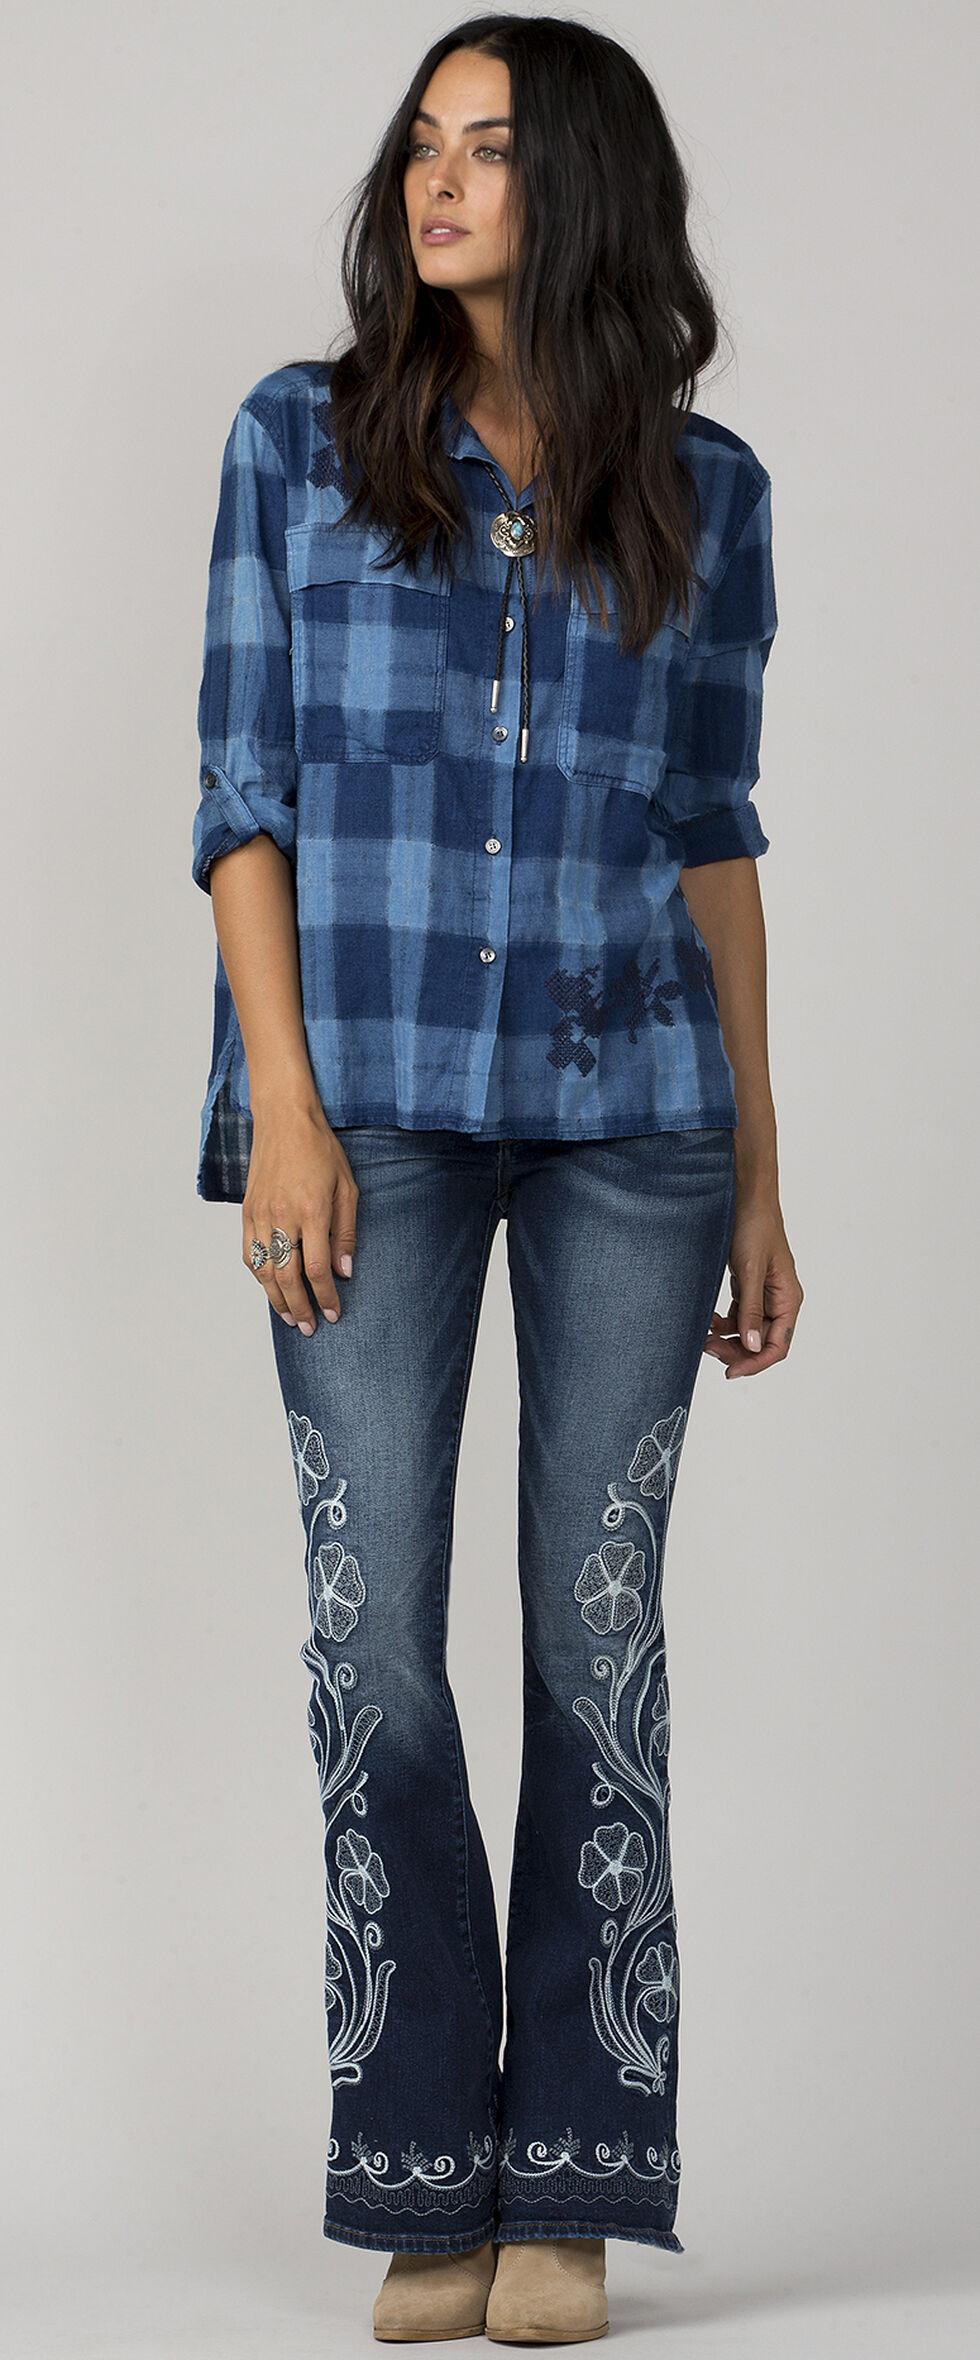 MM Vintage Women's Blue One Love Button-Up Plaid Shirt, Blue, hi-res